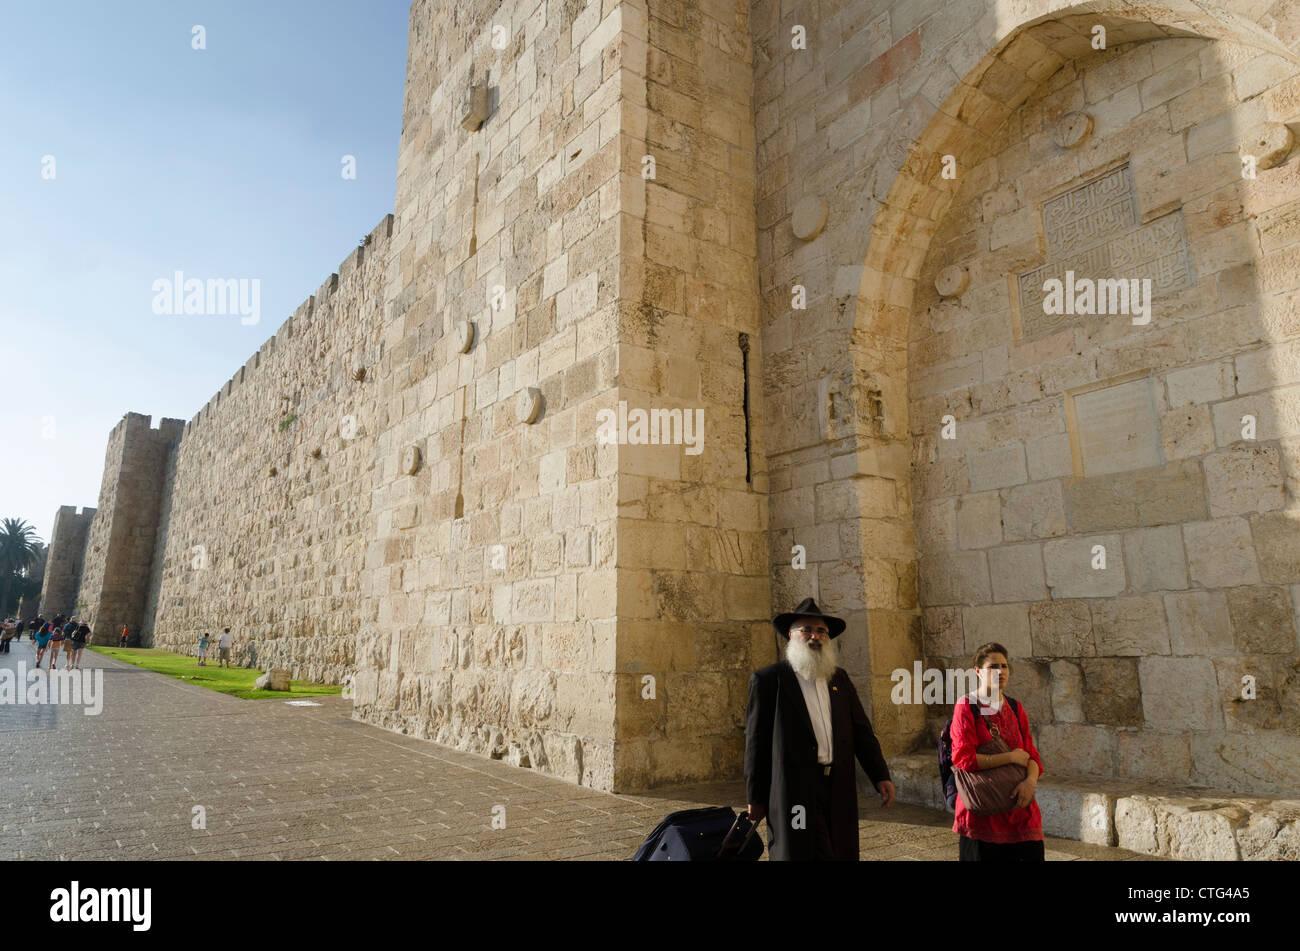 Orthodox Jew and young woman walking along the city walls. Jaffa gate. Jerusalem. Israel. - Stock Image